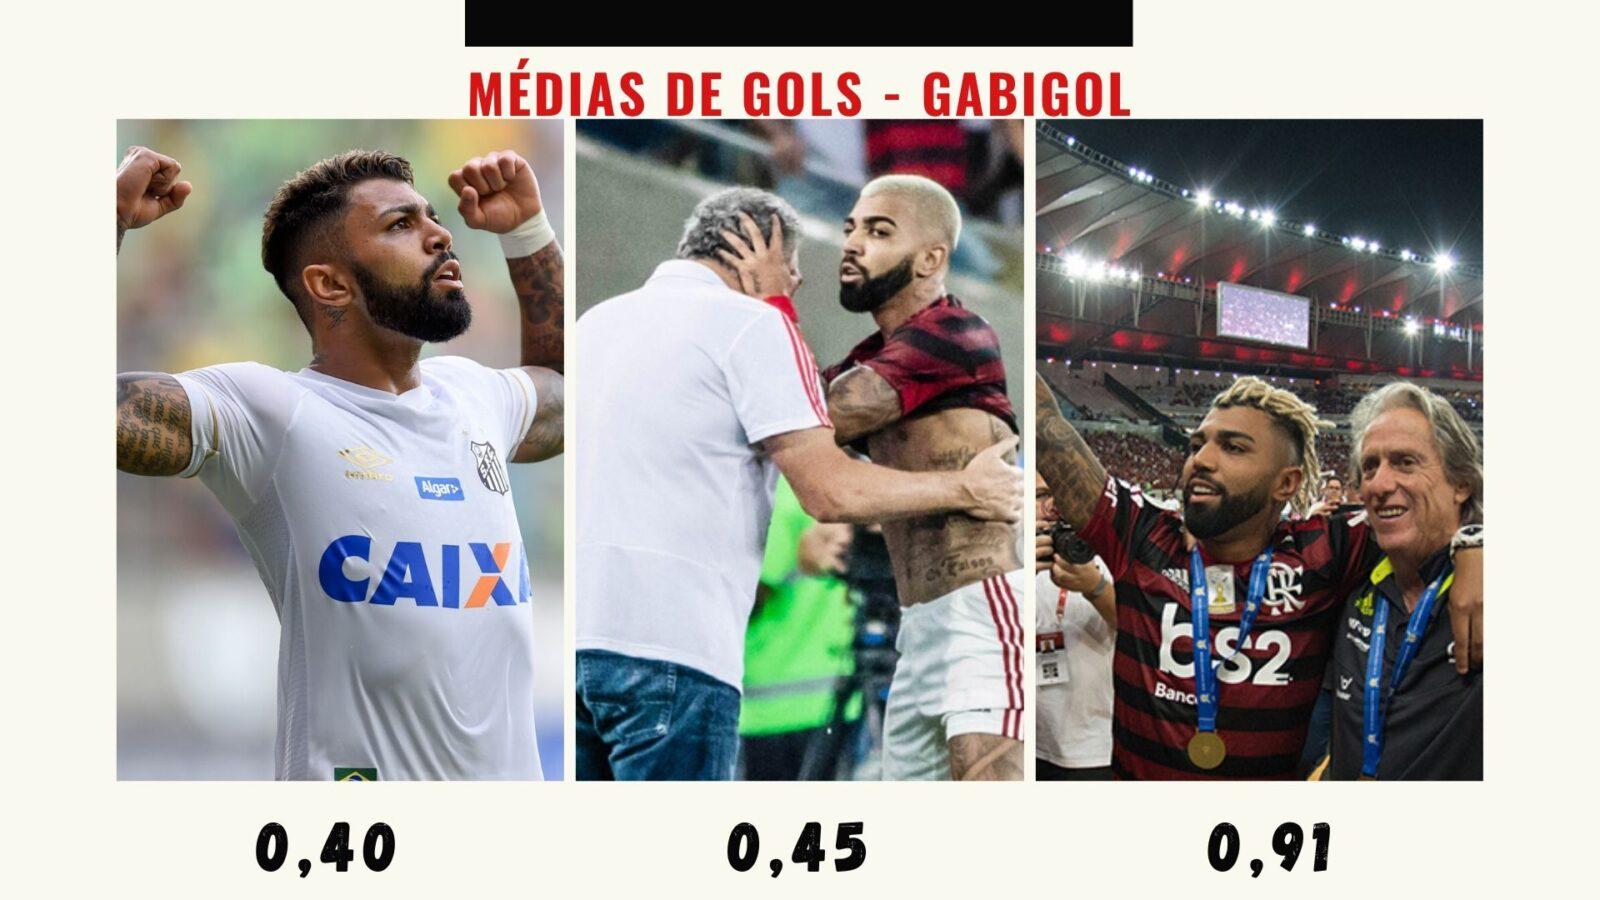 Gabigol Flamengo Média de gols